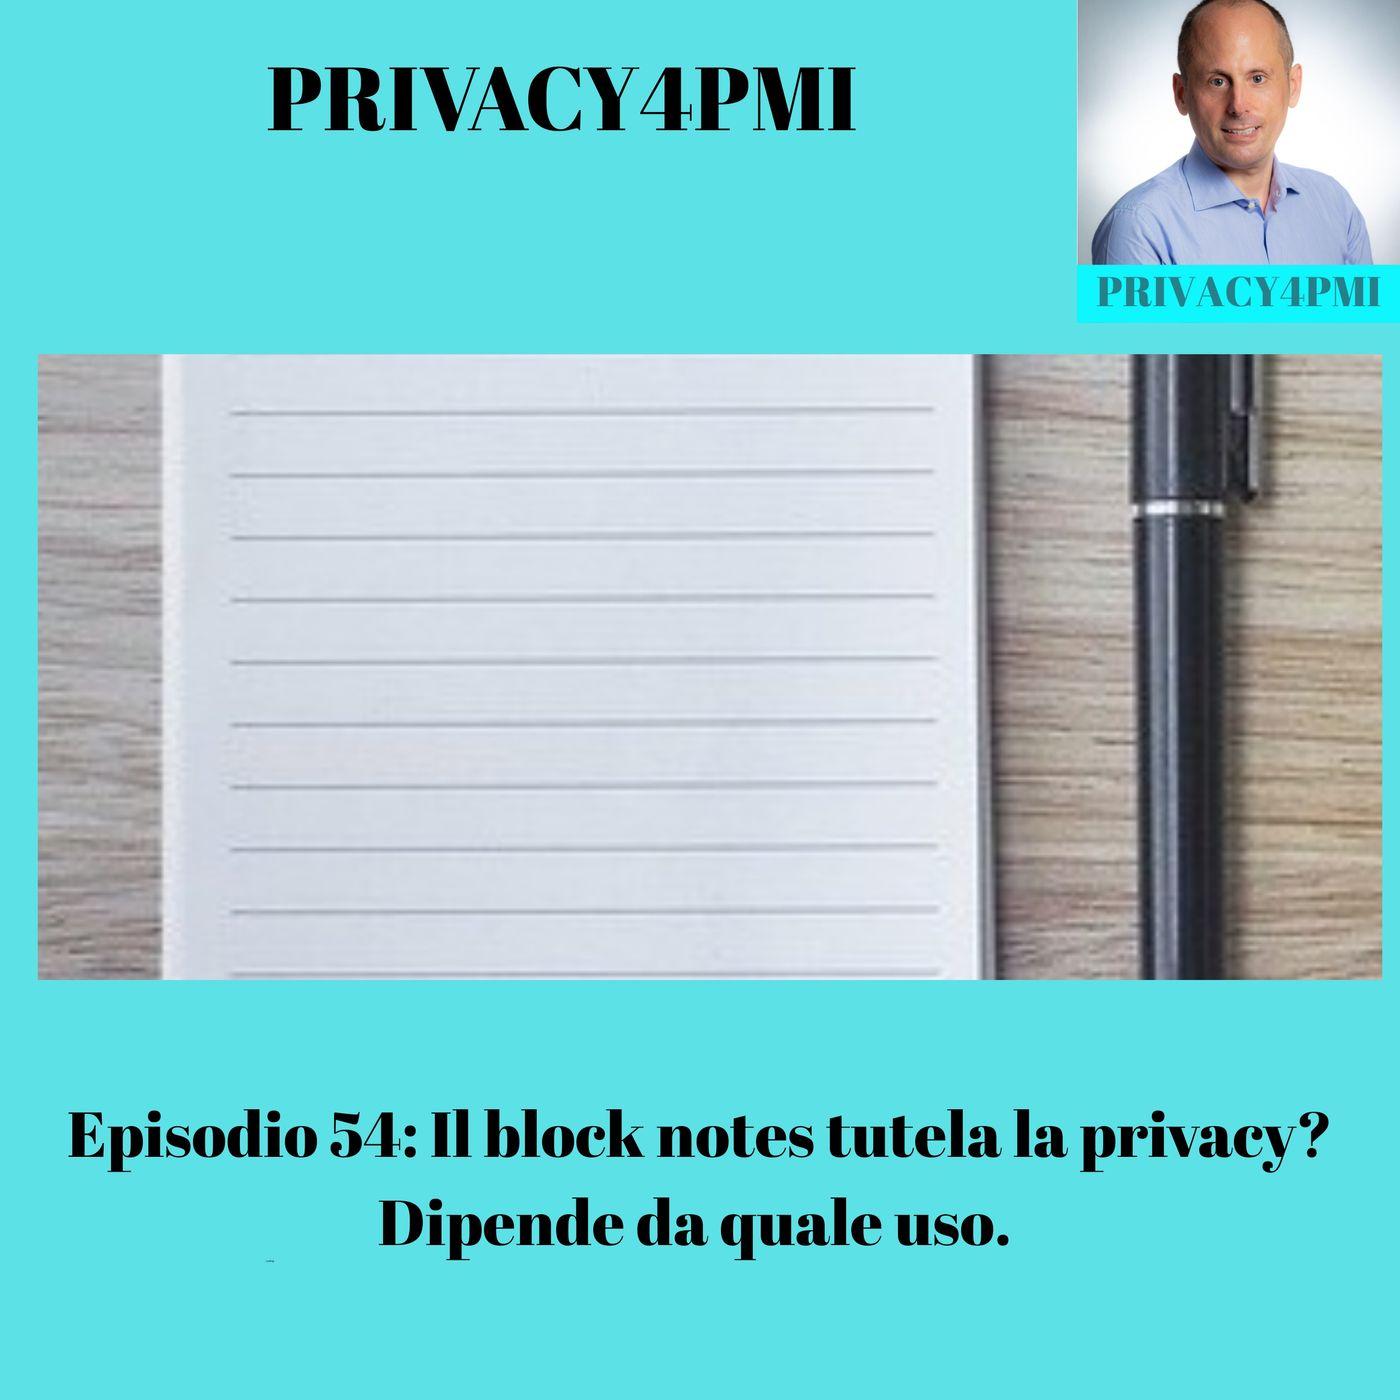 Episodio 54: Il block notes tutela la privacy? Dipende da quale uso.